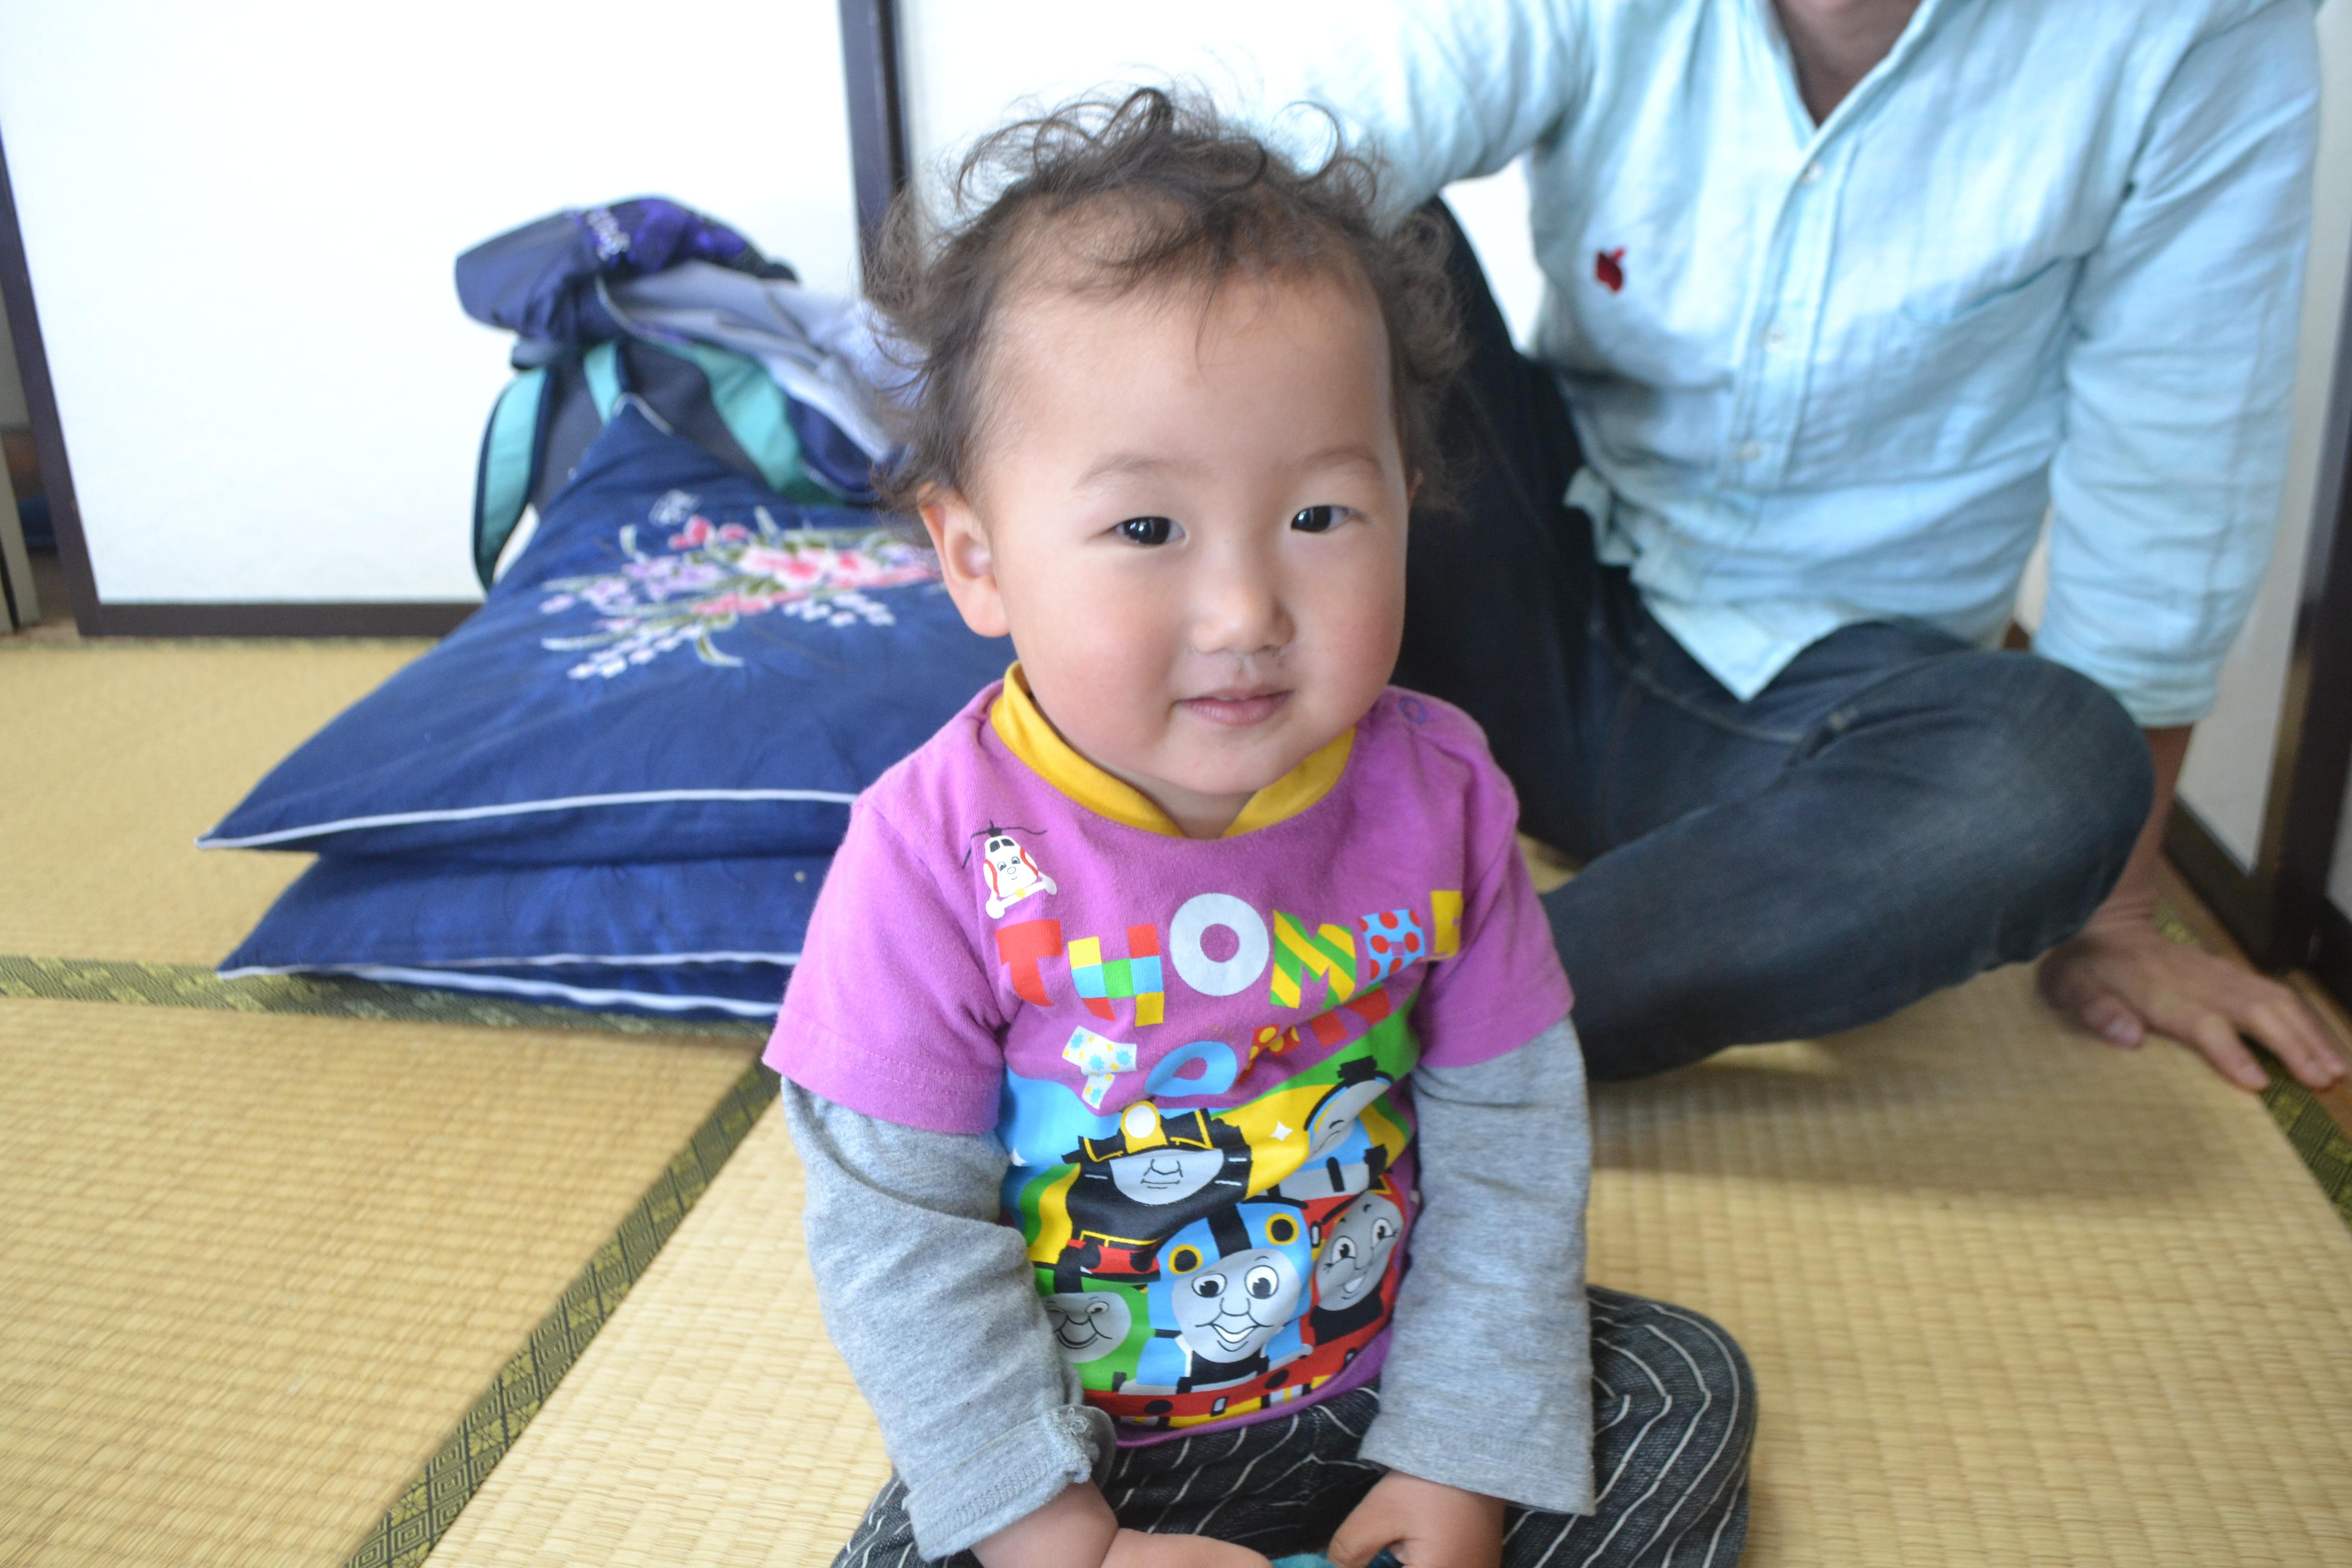 東京都瑞穂町の自然栽培農家 井垣農園さん主催のファンの集いで子供たちと遊んできました。